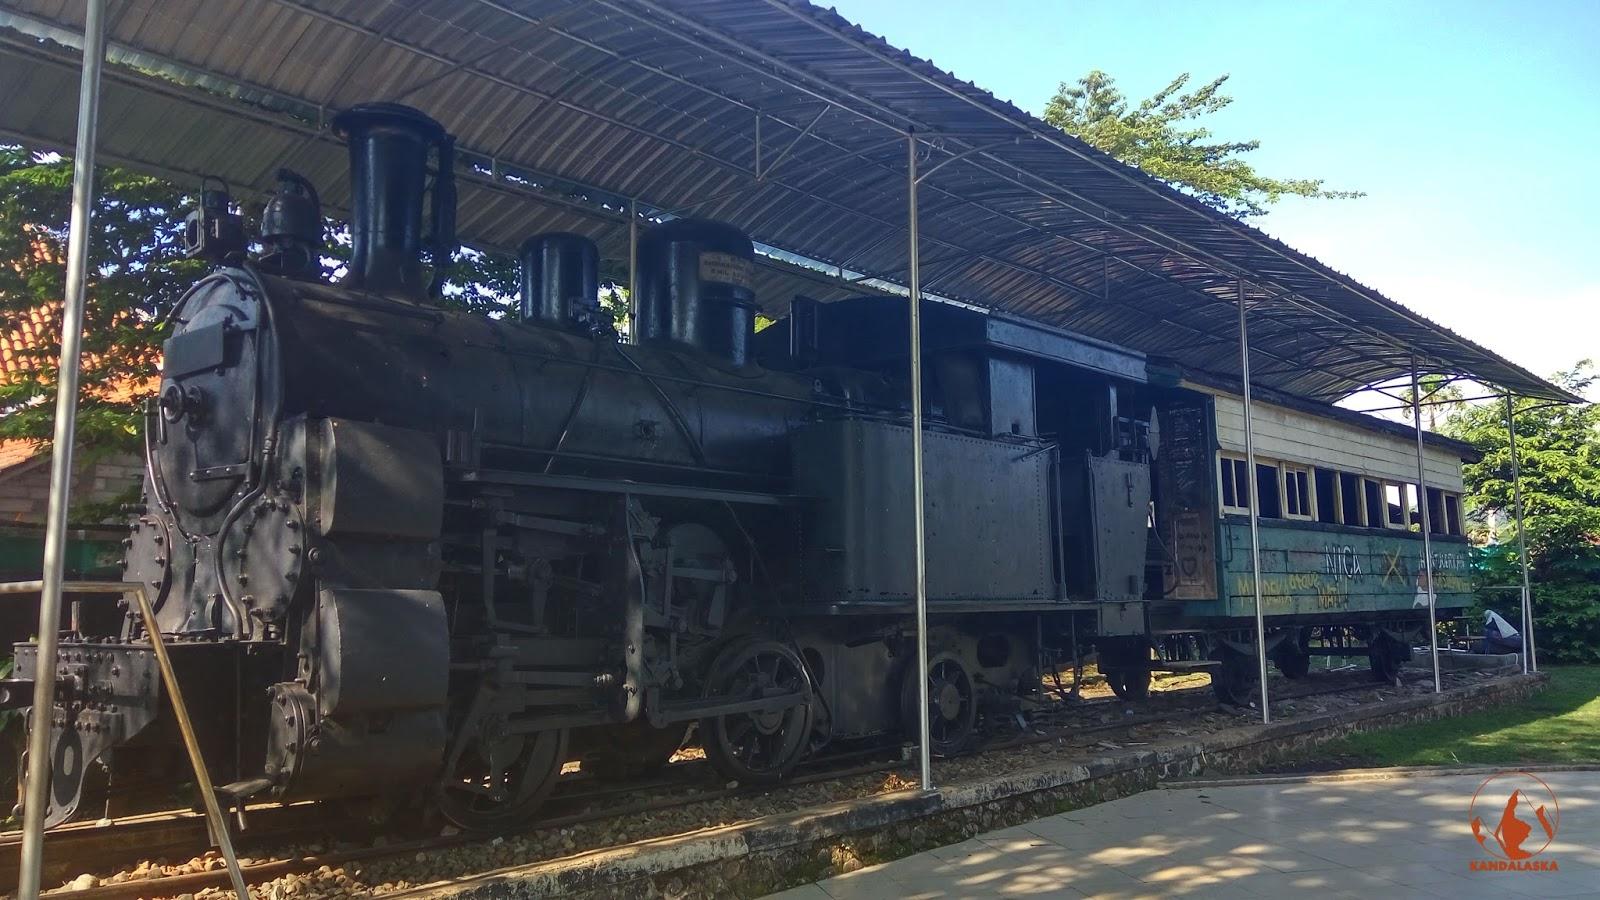 Monumen Palagan Ambarawa Kandalaska Angkutan Umum Menuju Semarang Kab